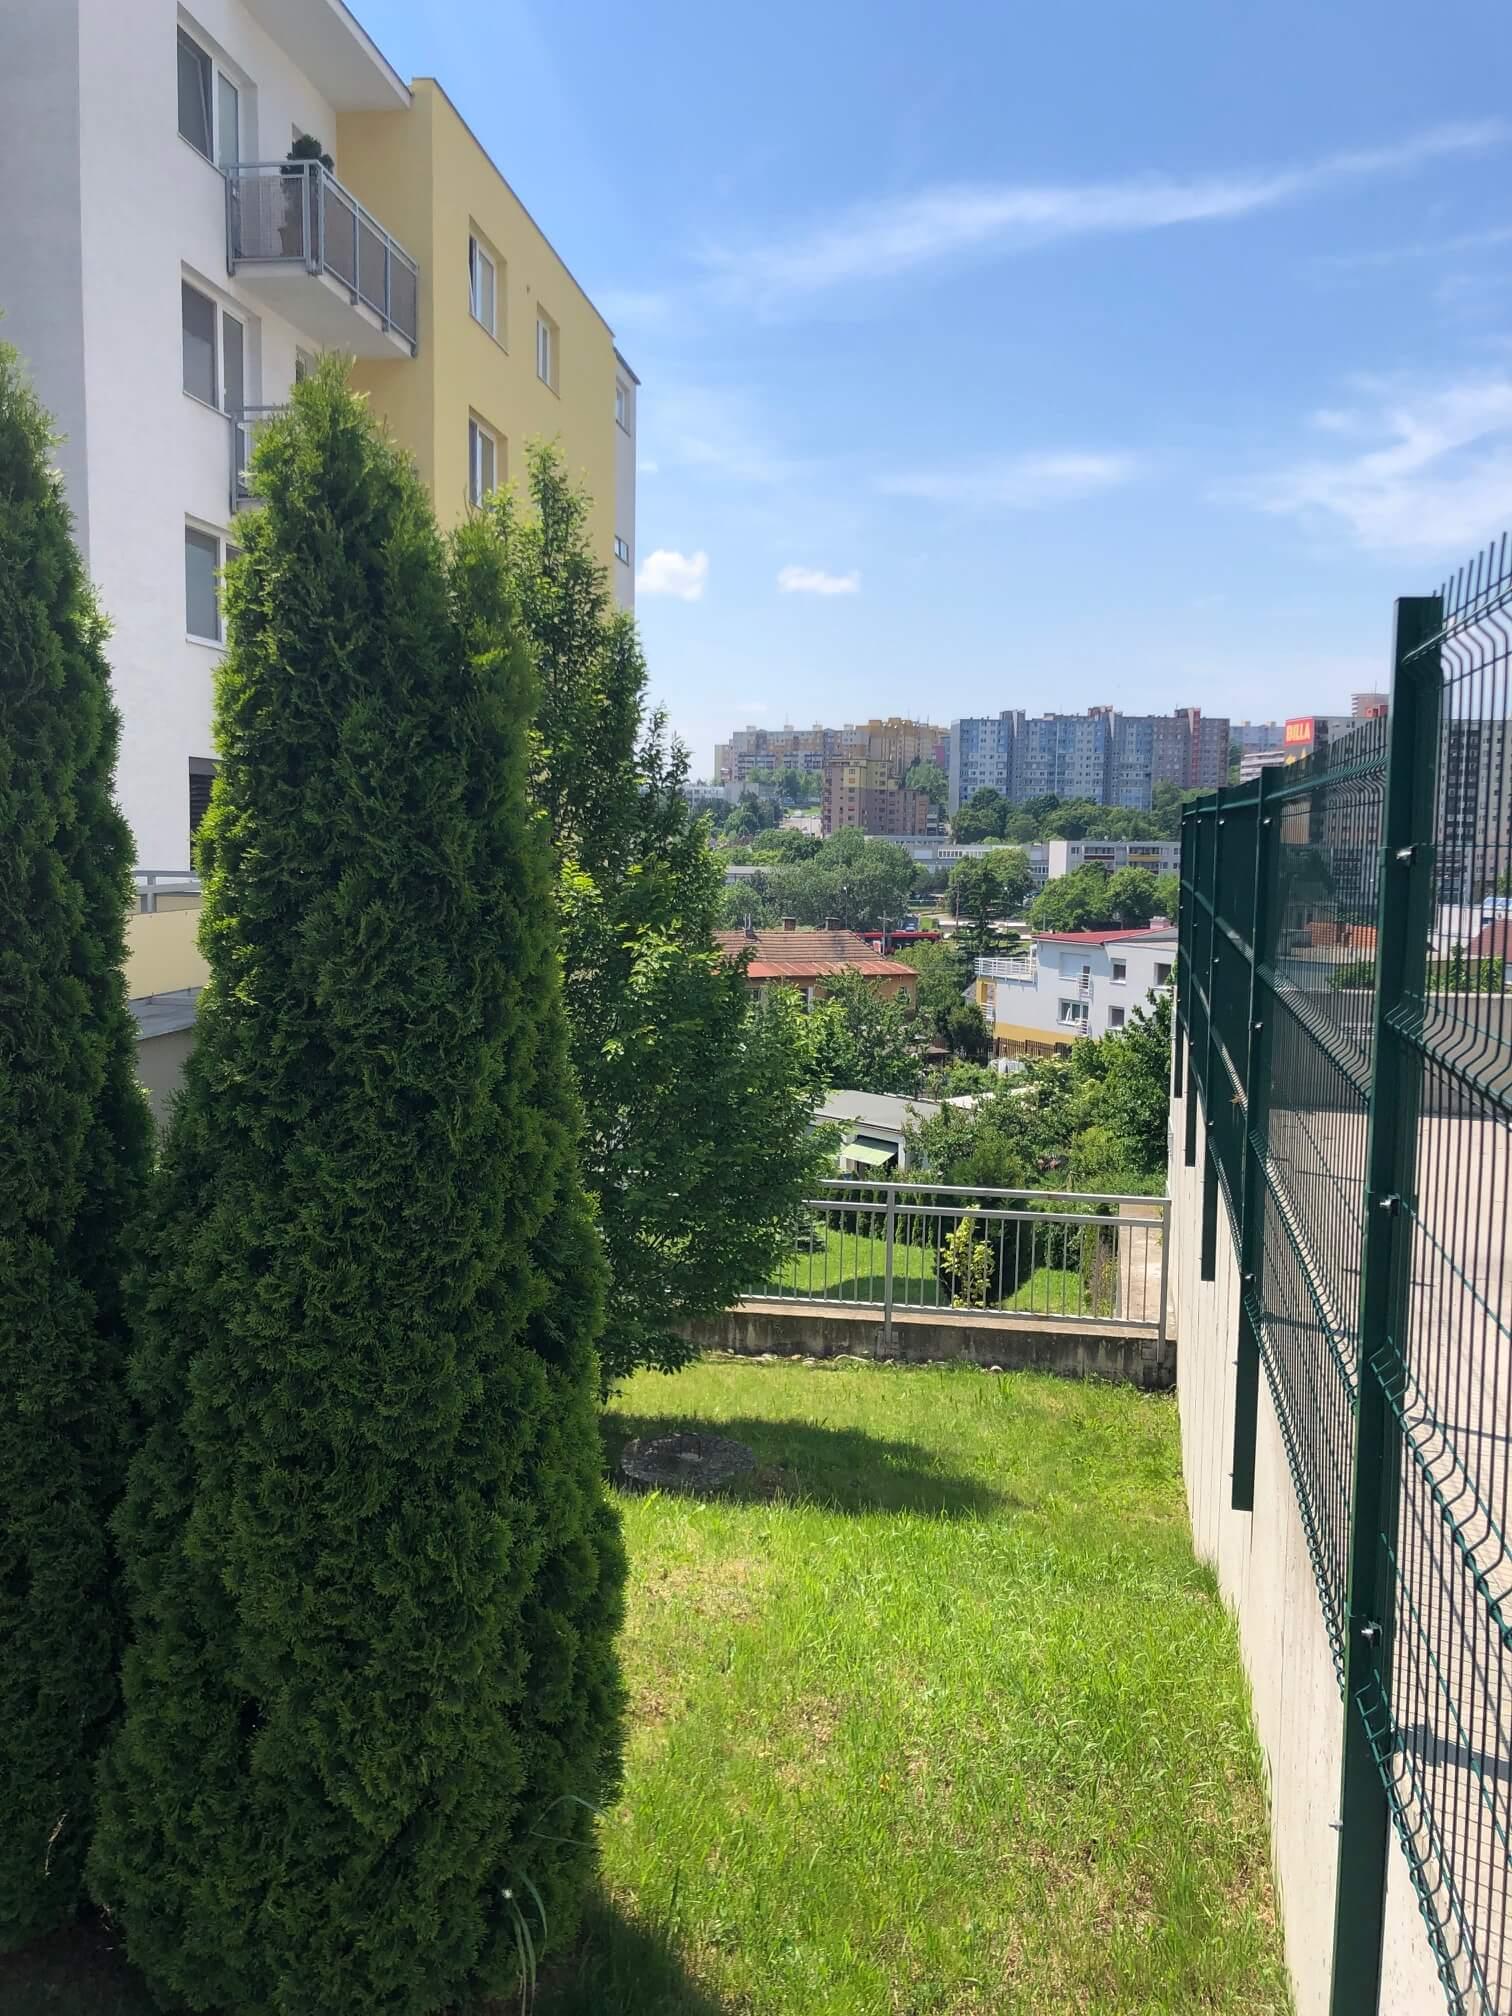 Predané: 3 izbový byt, novostavba, 72,25m2, loggia 4,82m2, Staré Grunty, Karlovka, garážové státie-67